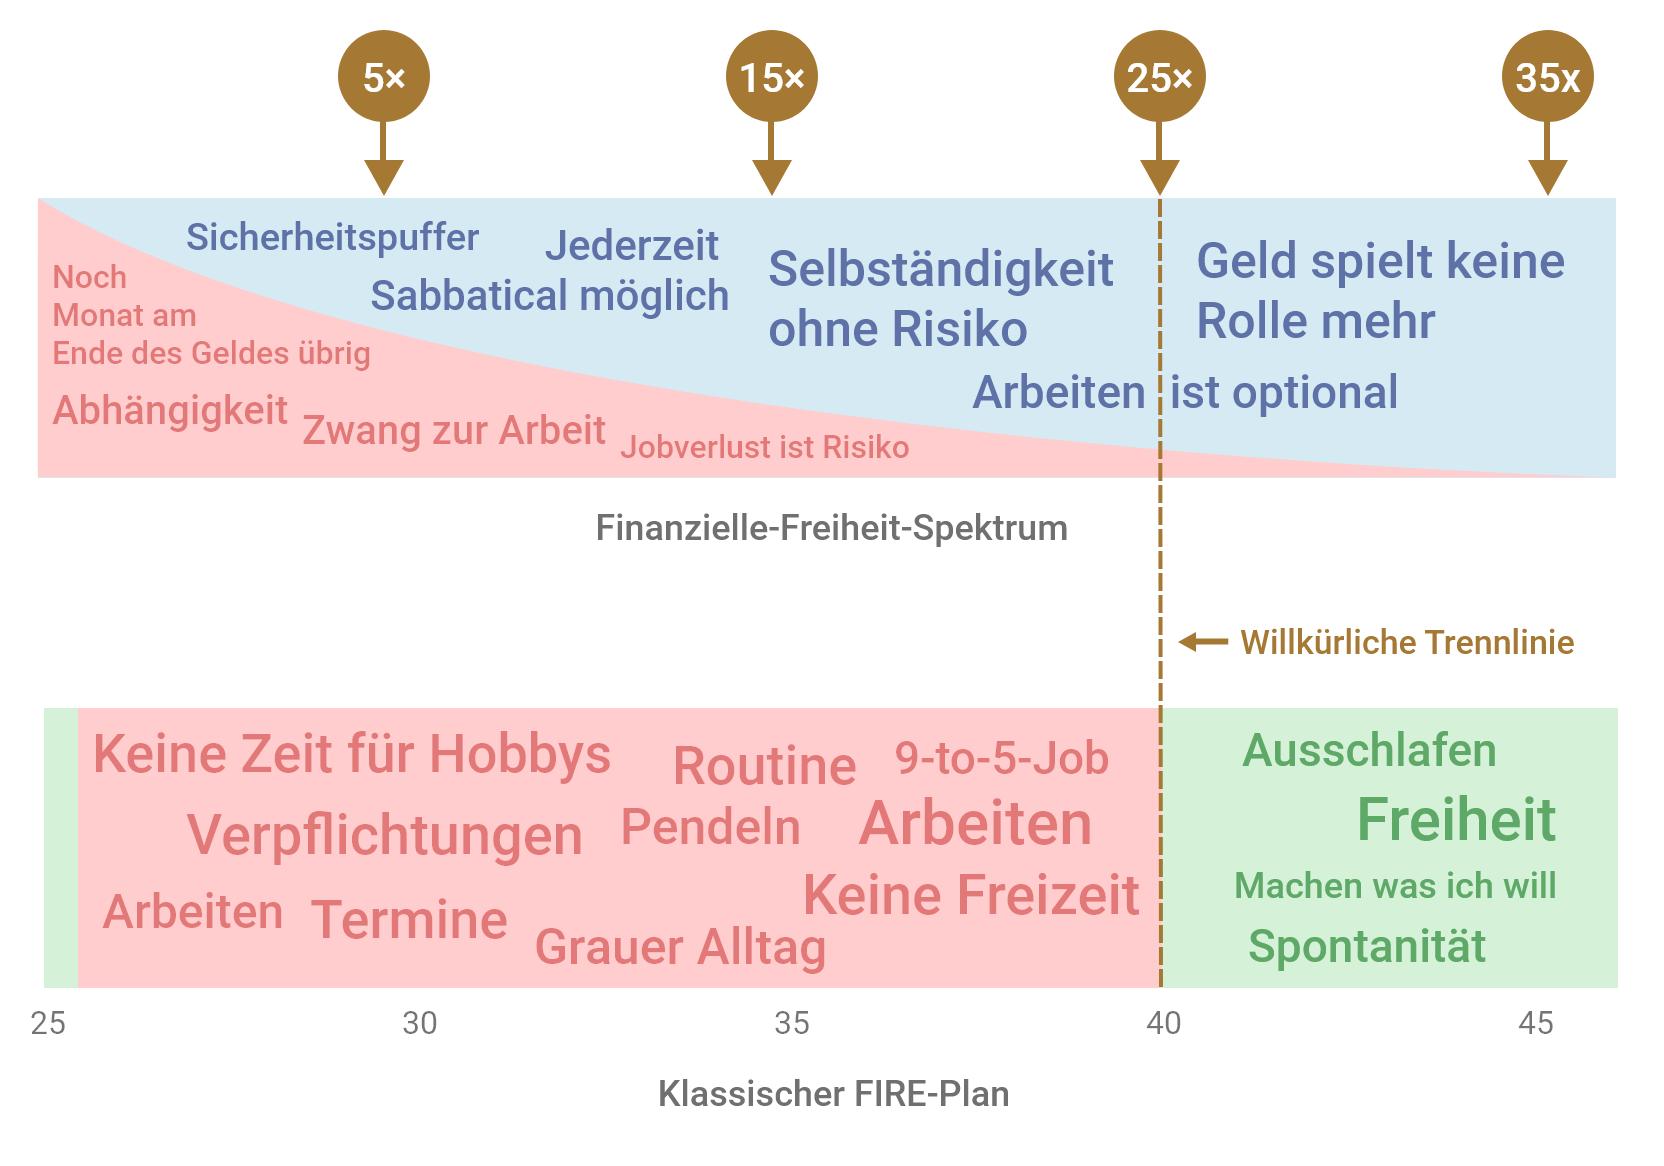 Finanzielle-Freiheit-Spektrum vs. Klassischer FIRE Plan